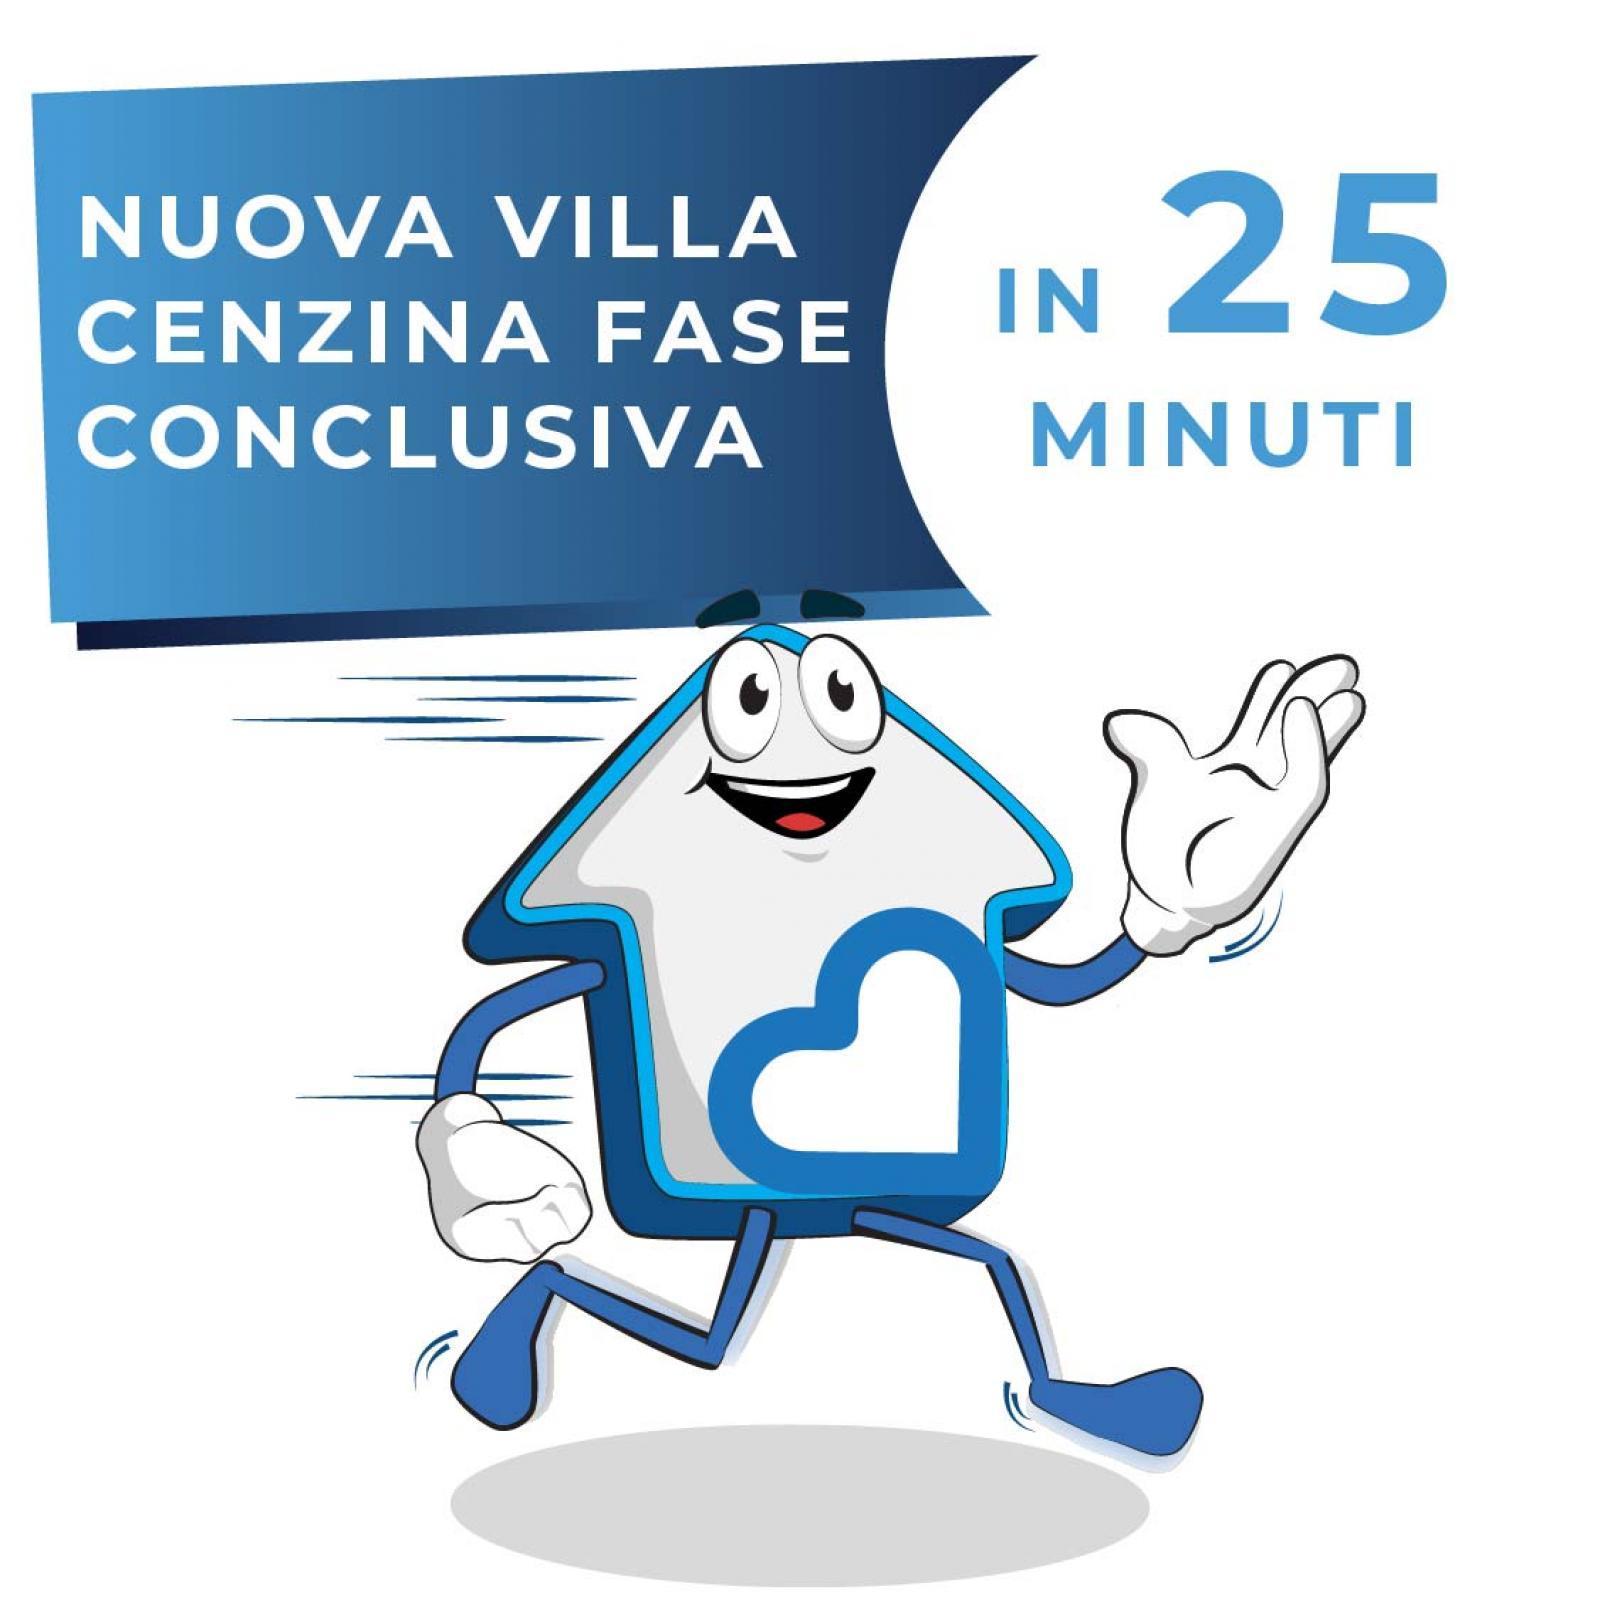 Nuova villa Cenzina fase conclusiva